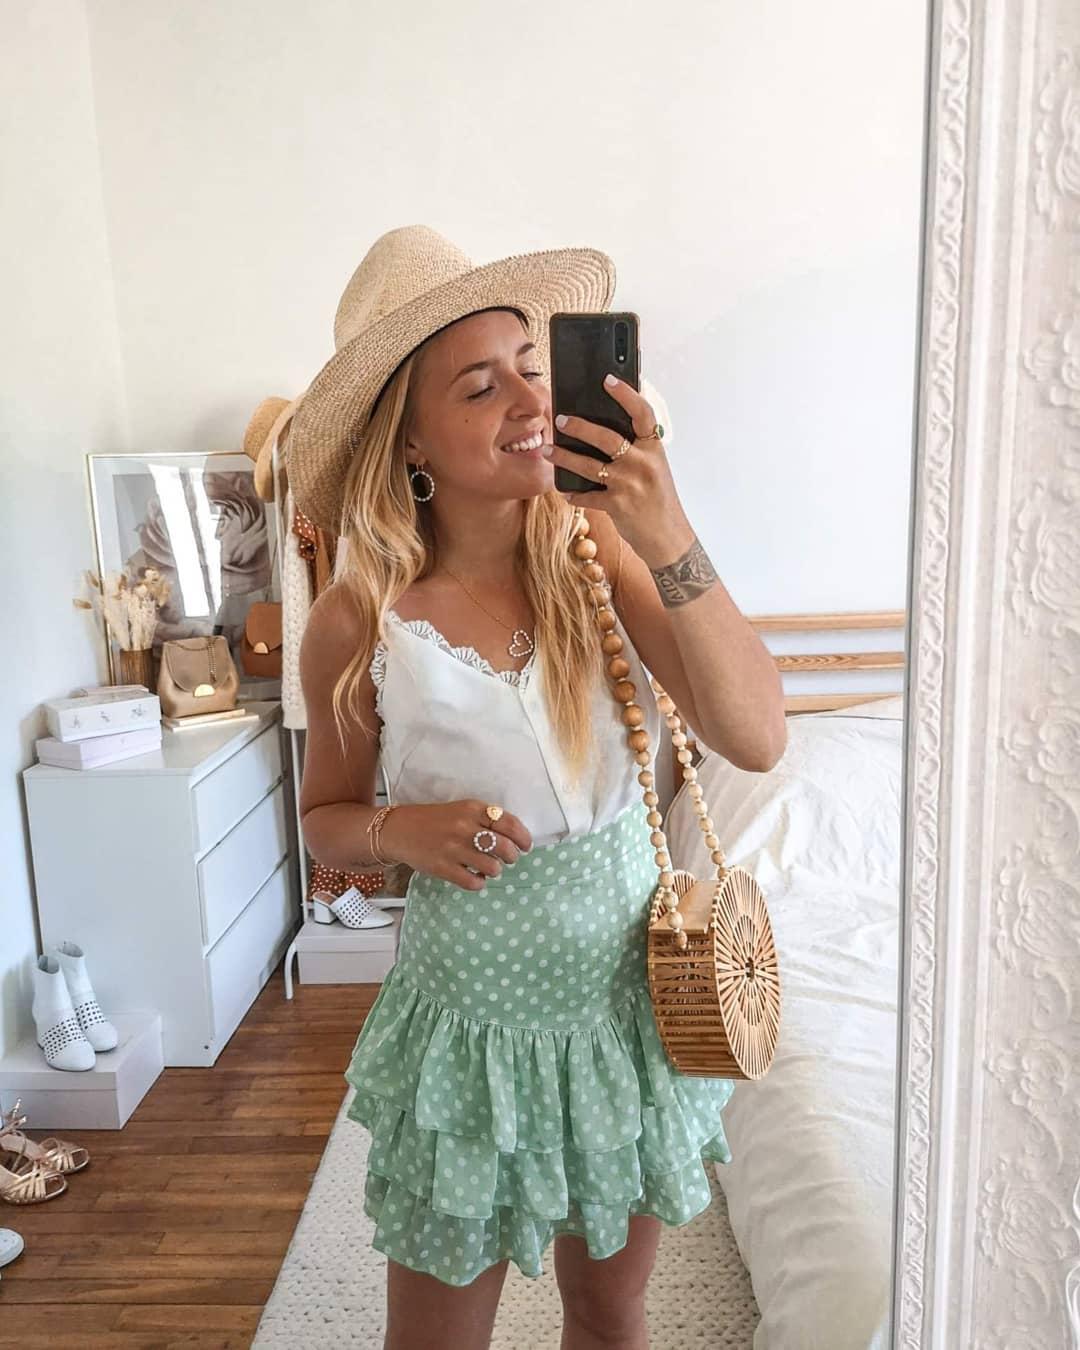 jupe-short en jacquard à pois de Zara sur ines_rcdd